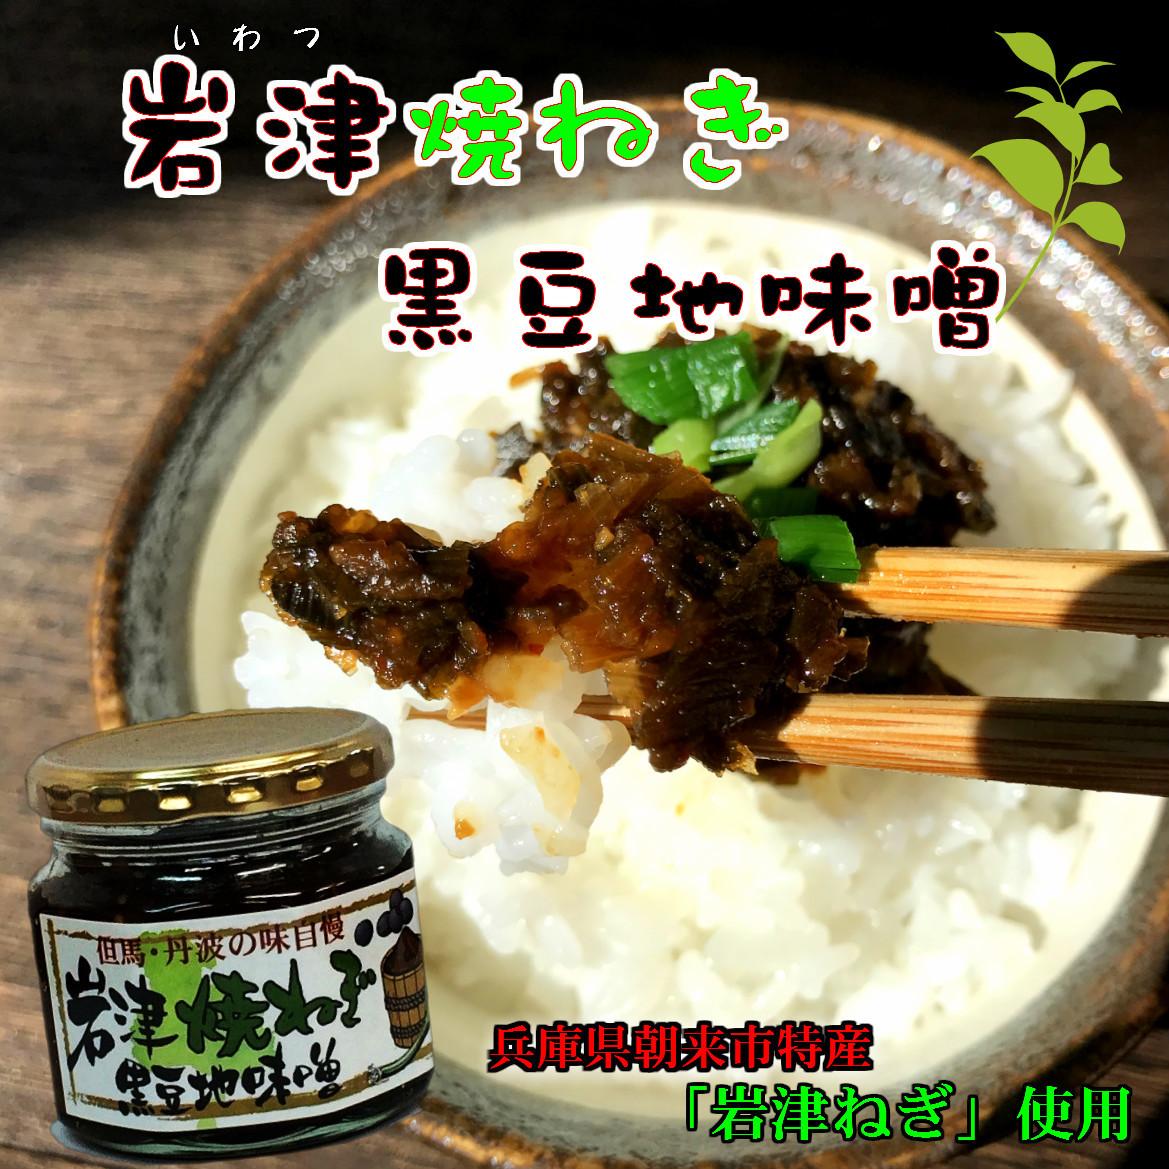 岩津ねぎ黒豆地味噌